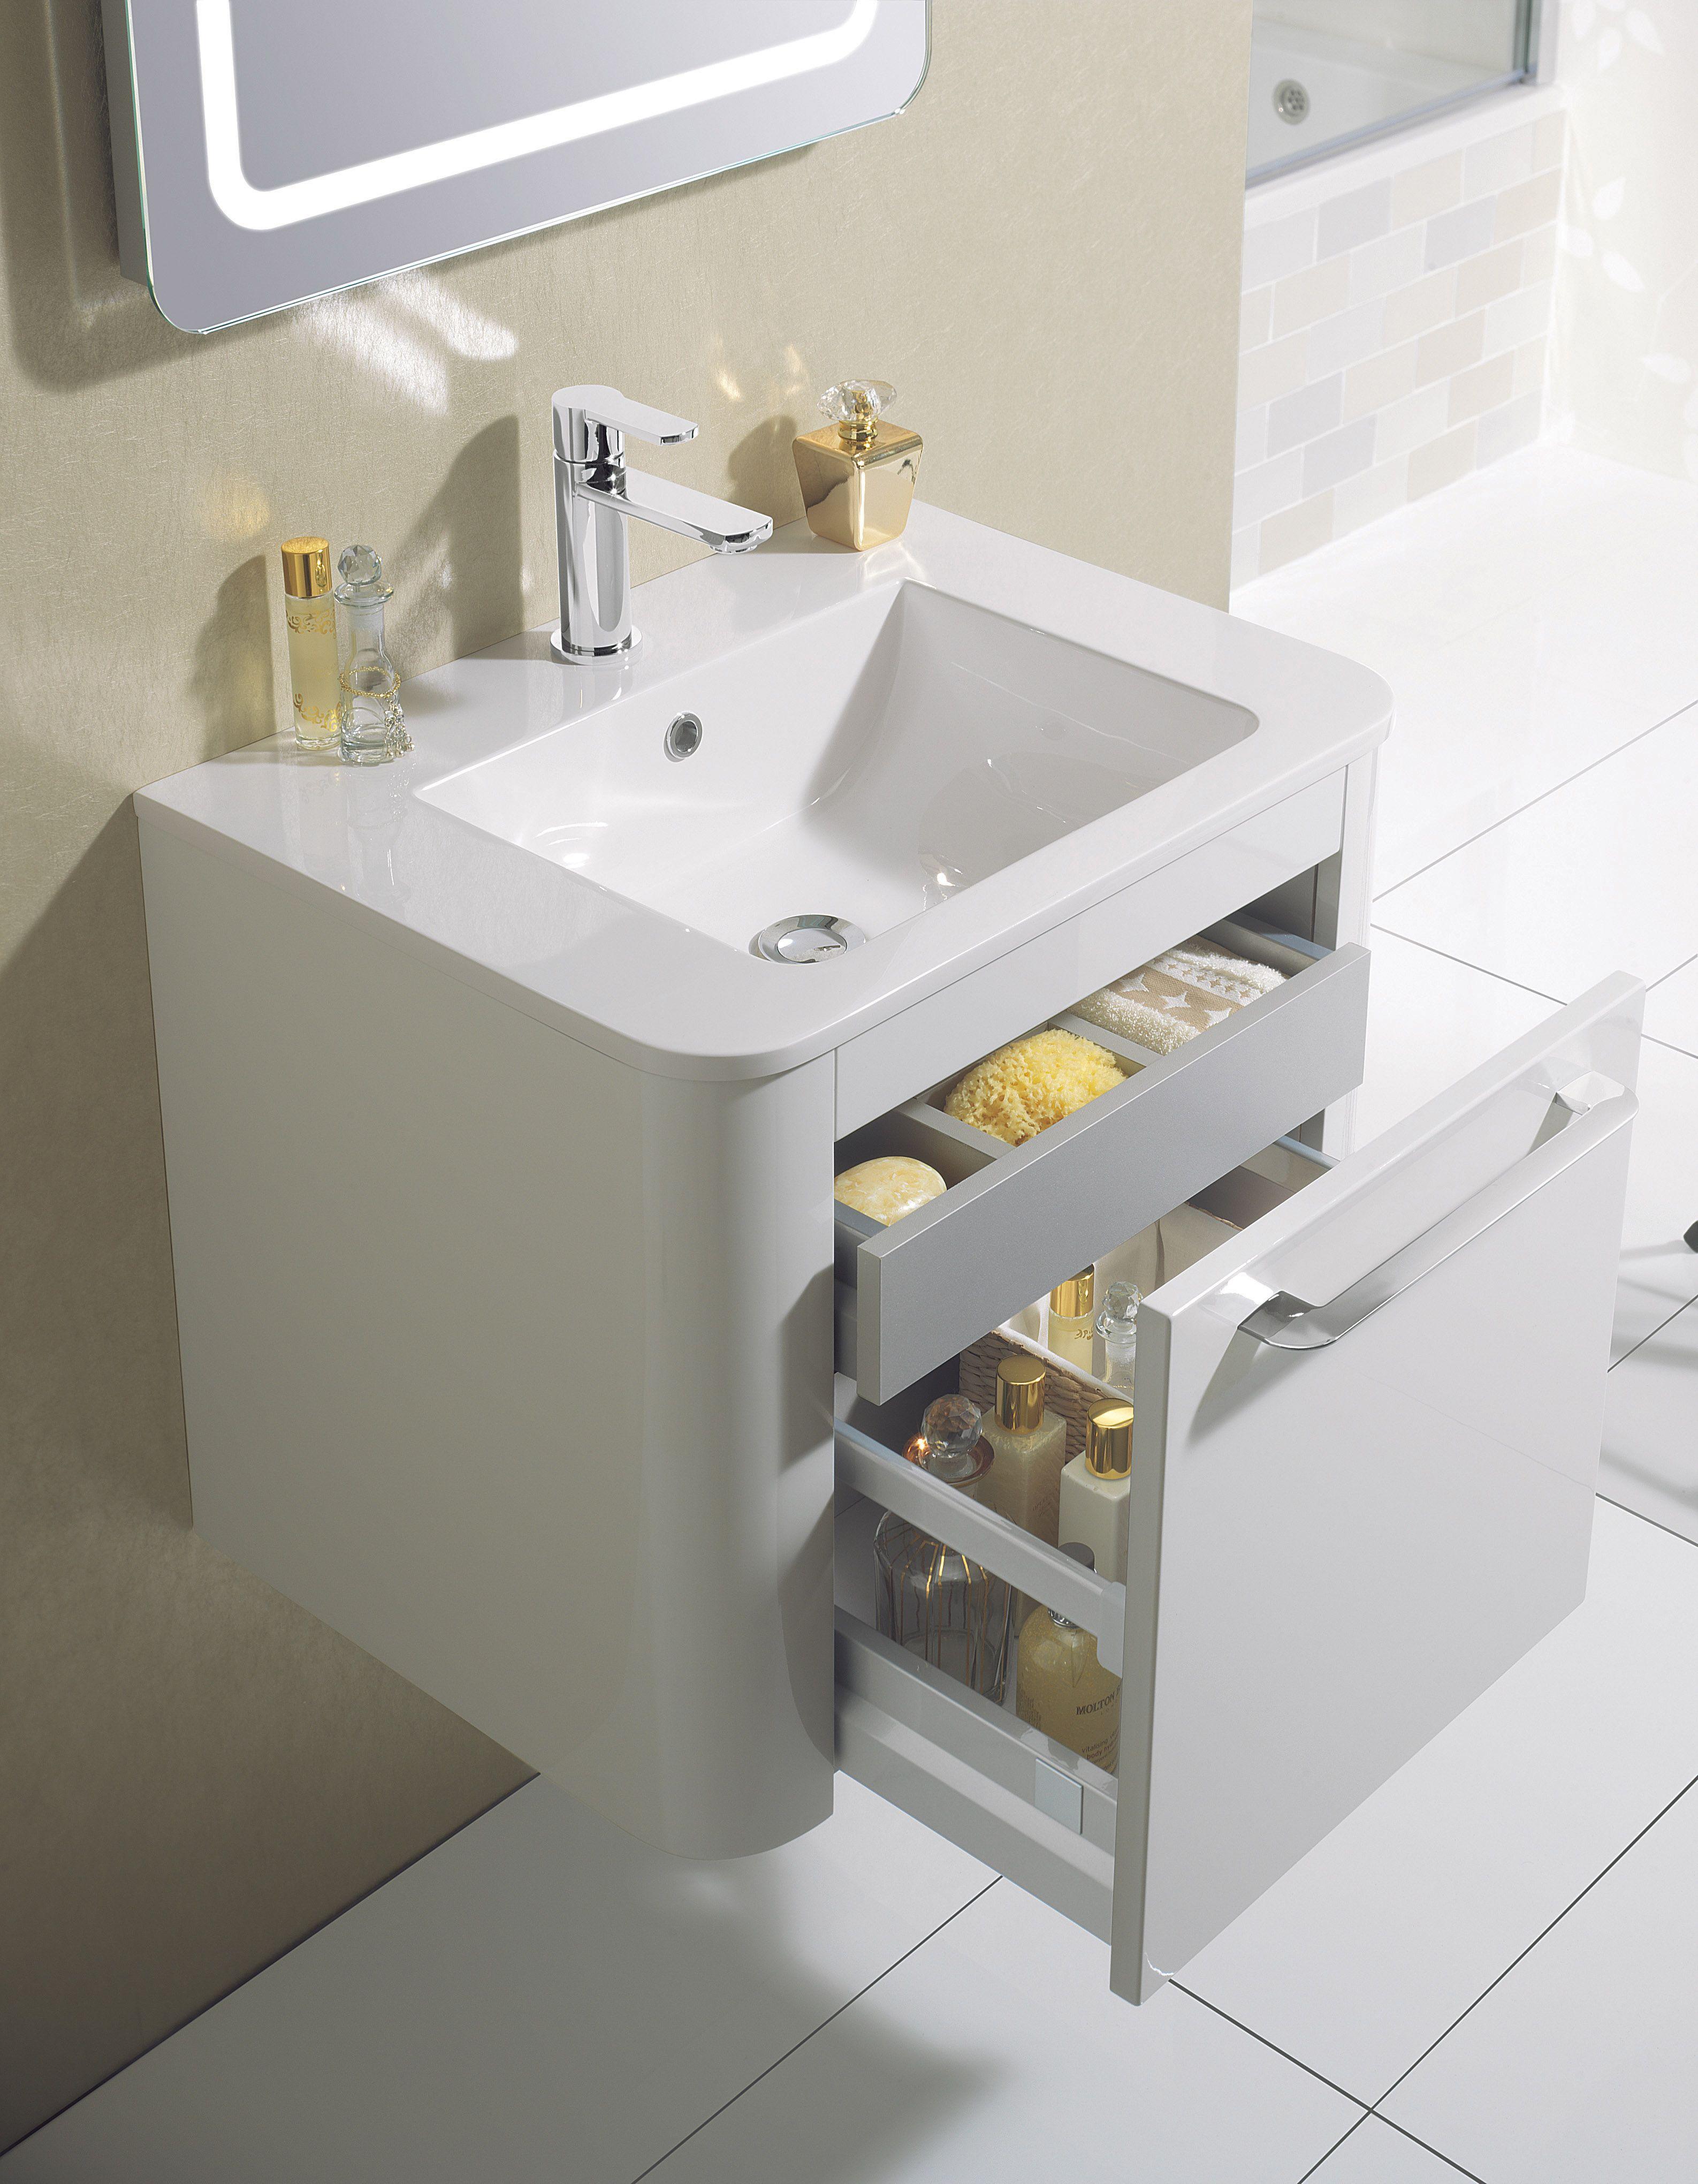 White gloss bathroom furniture - Celeste White Gloss Bathroom Furniture Unit Basin From Crosswater Http Www